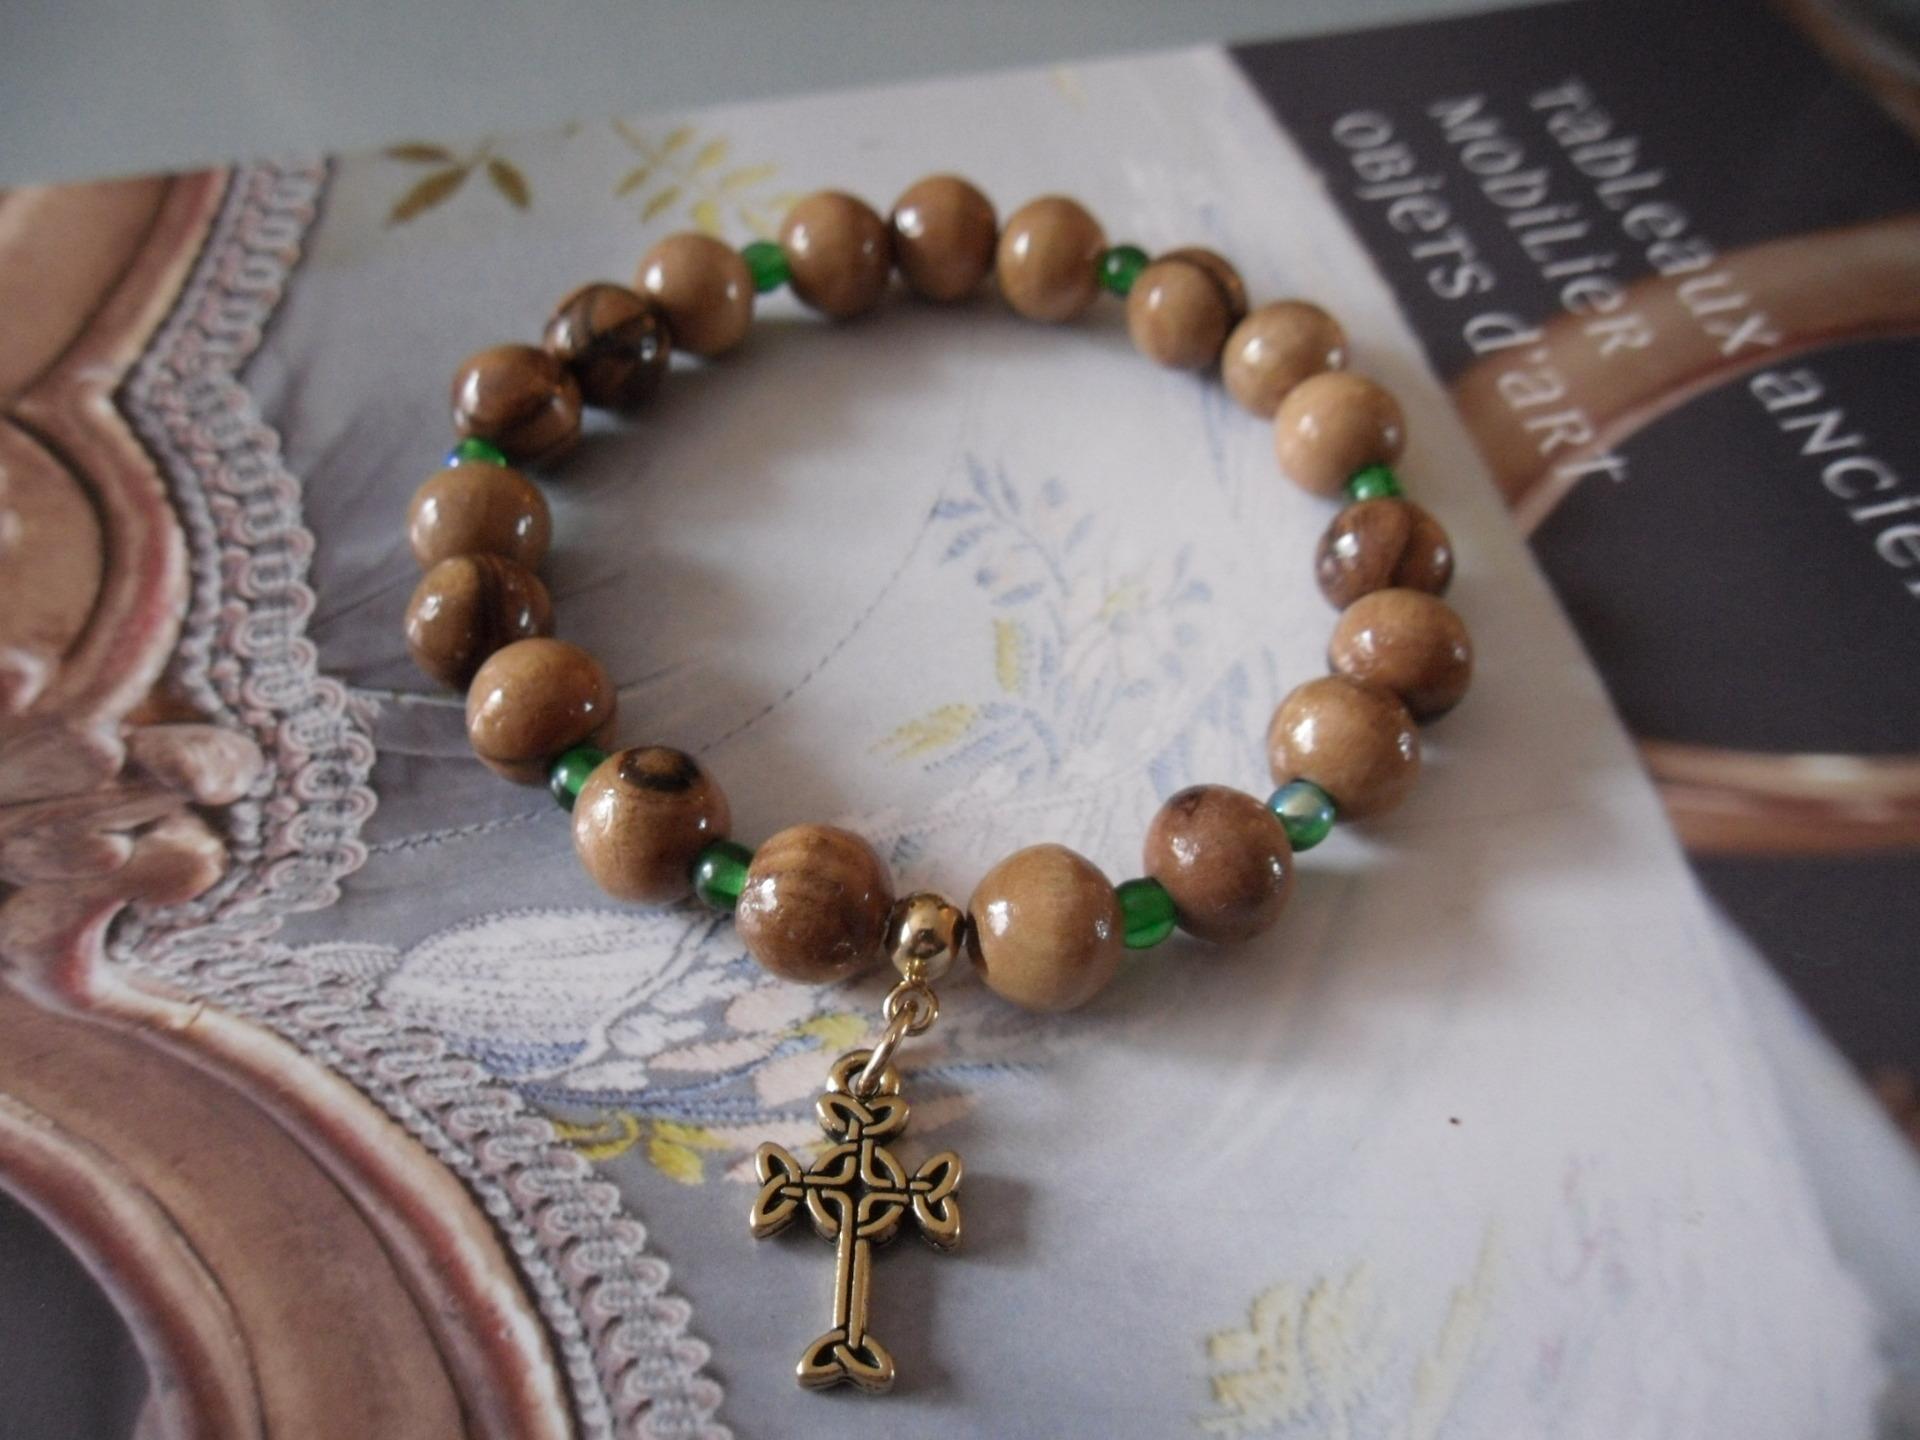 bracelet-bracelet-cadeau-de-communion-perl-8106165-bois-olivier-cre886-7d546_big